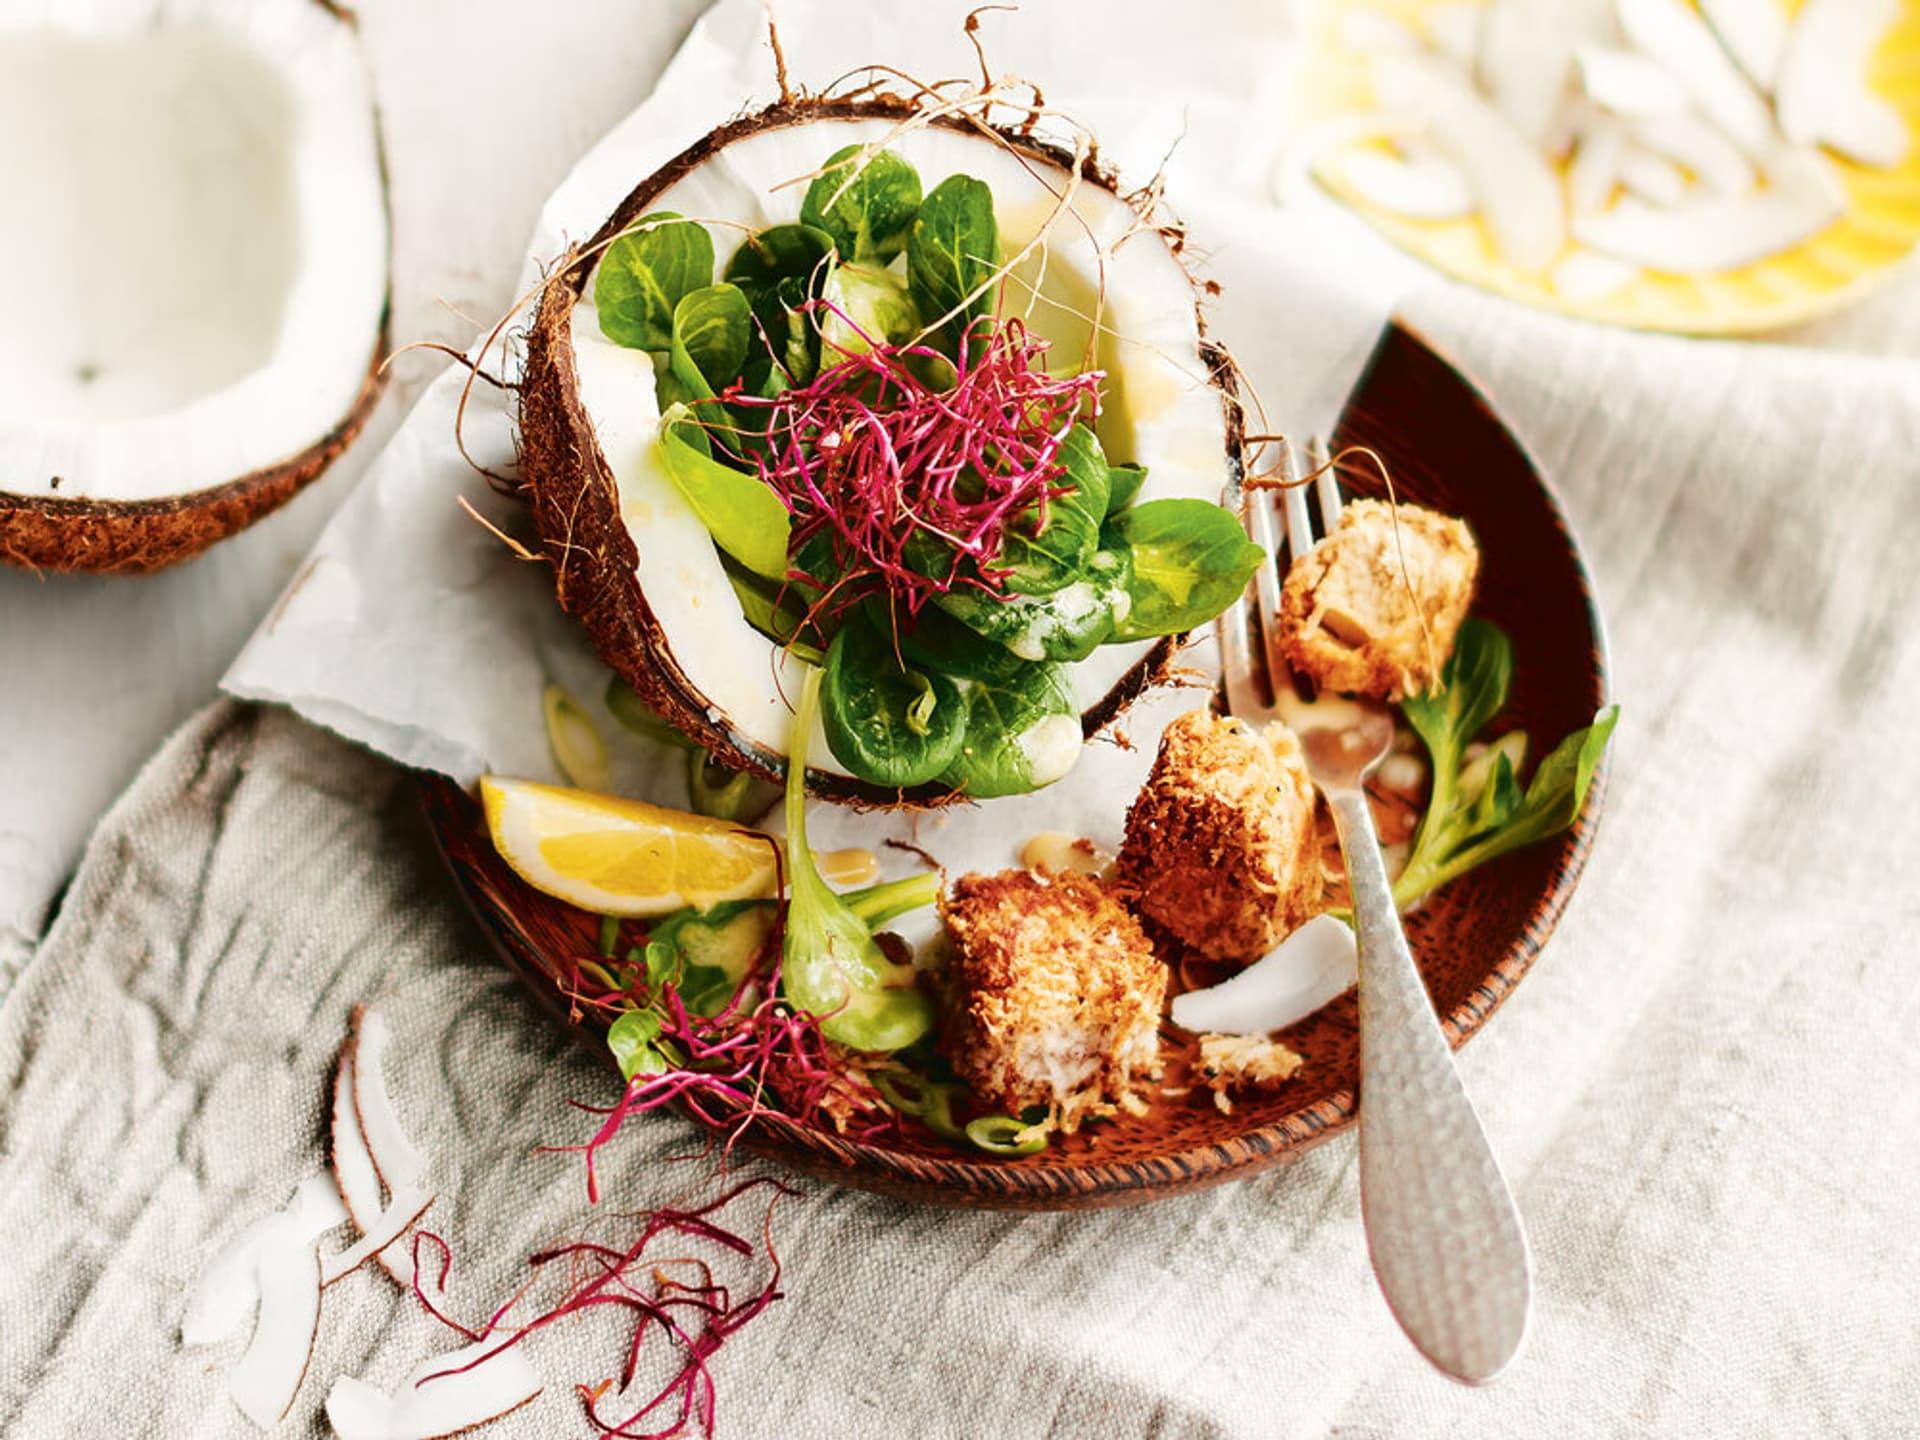 Feldsalat mit kokos tofuwuerfeln